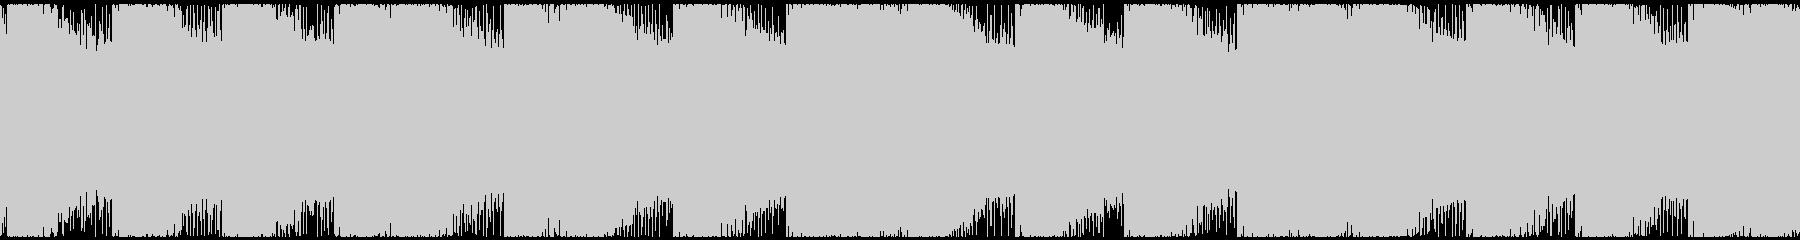 シンセでどんよりとミステリアスなBGMの未再生の波形